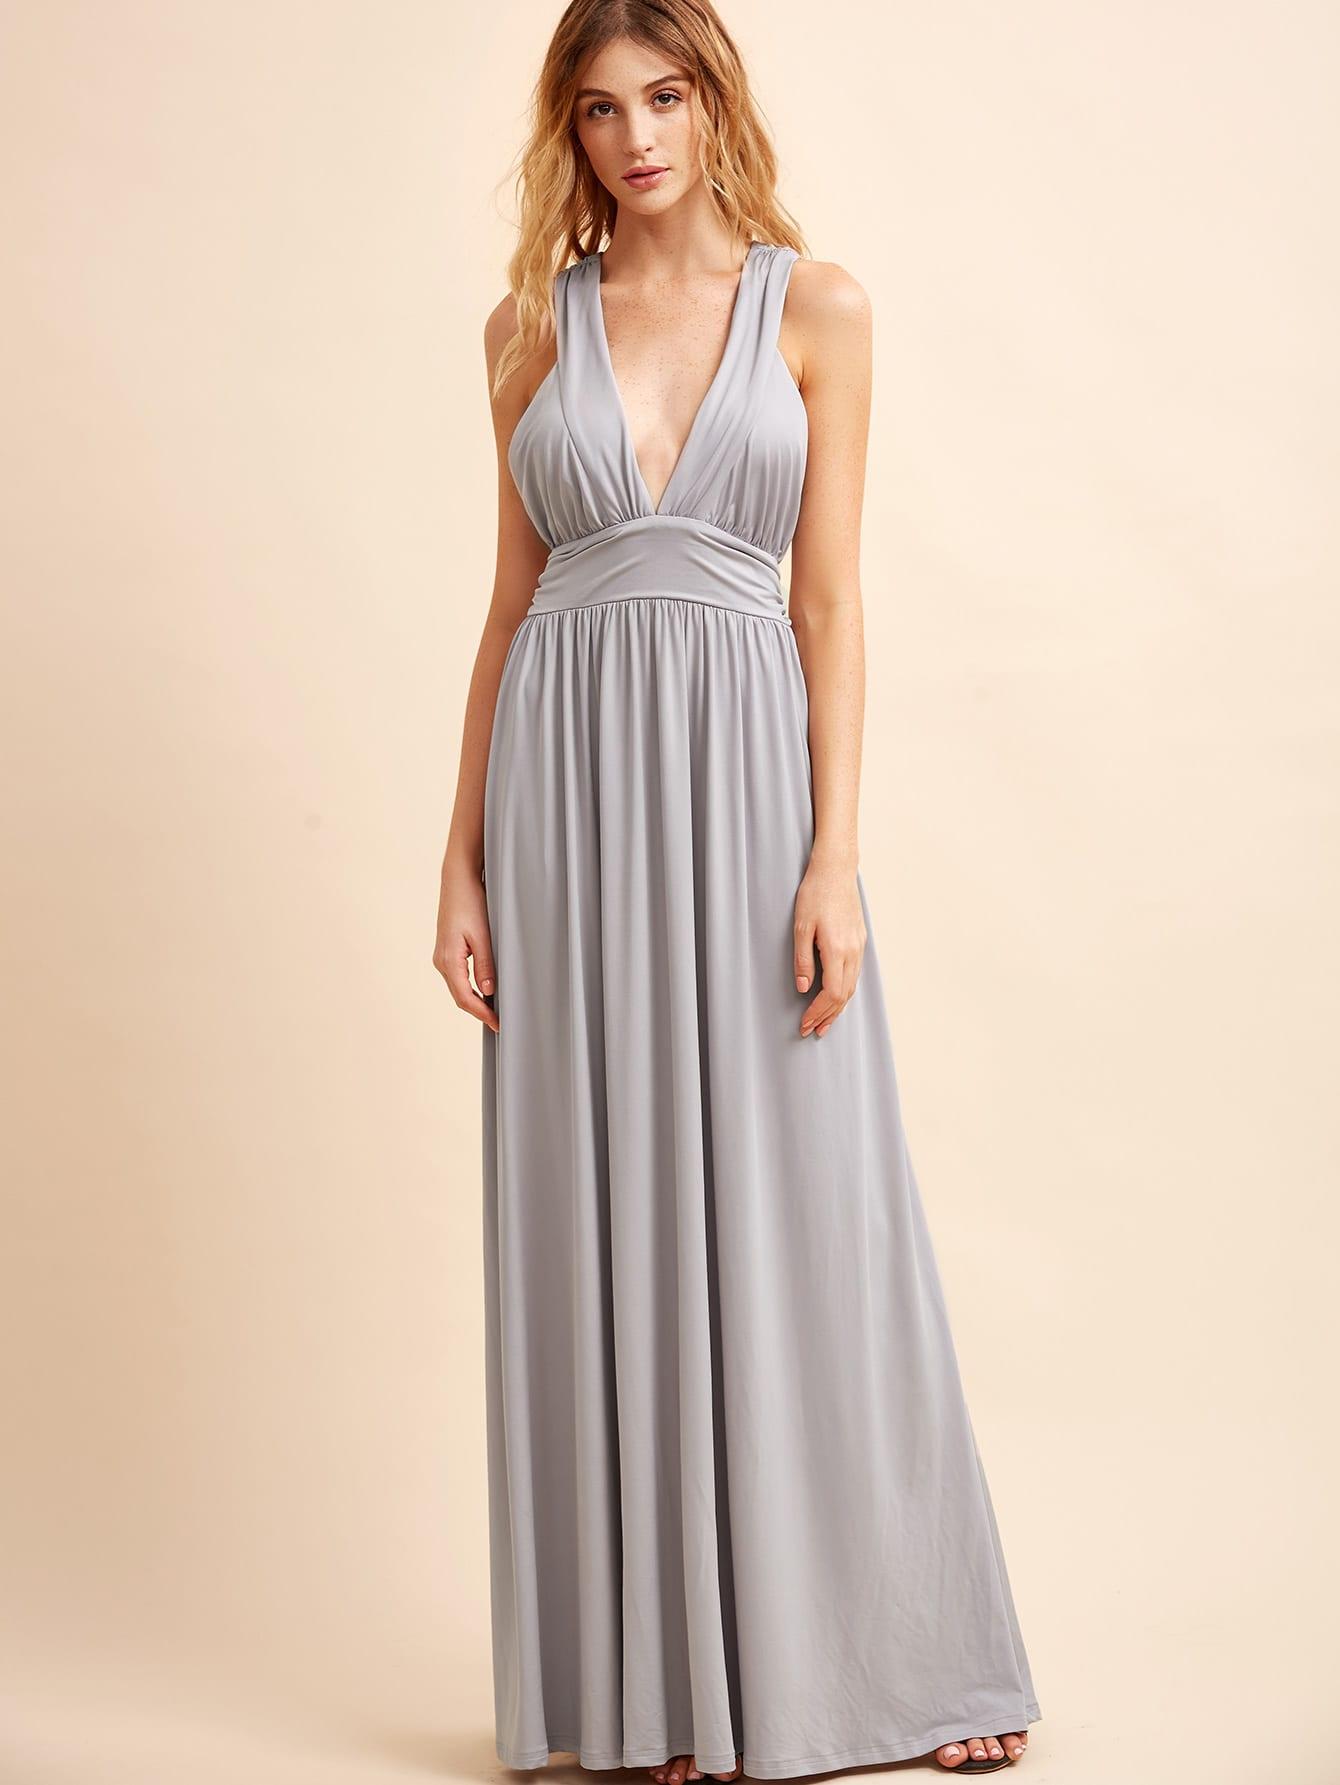 dress160927709_4